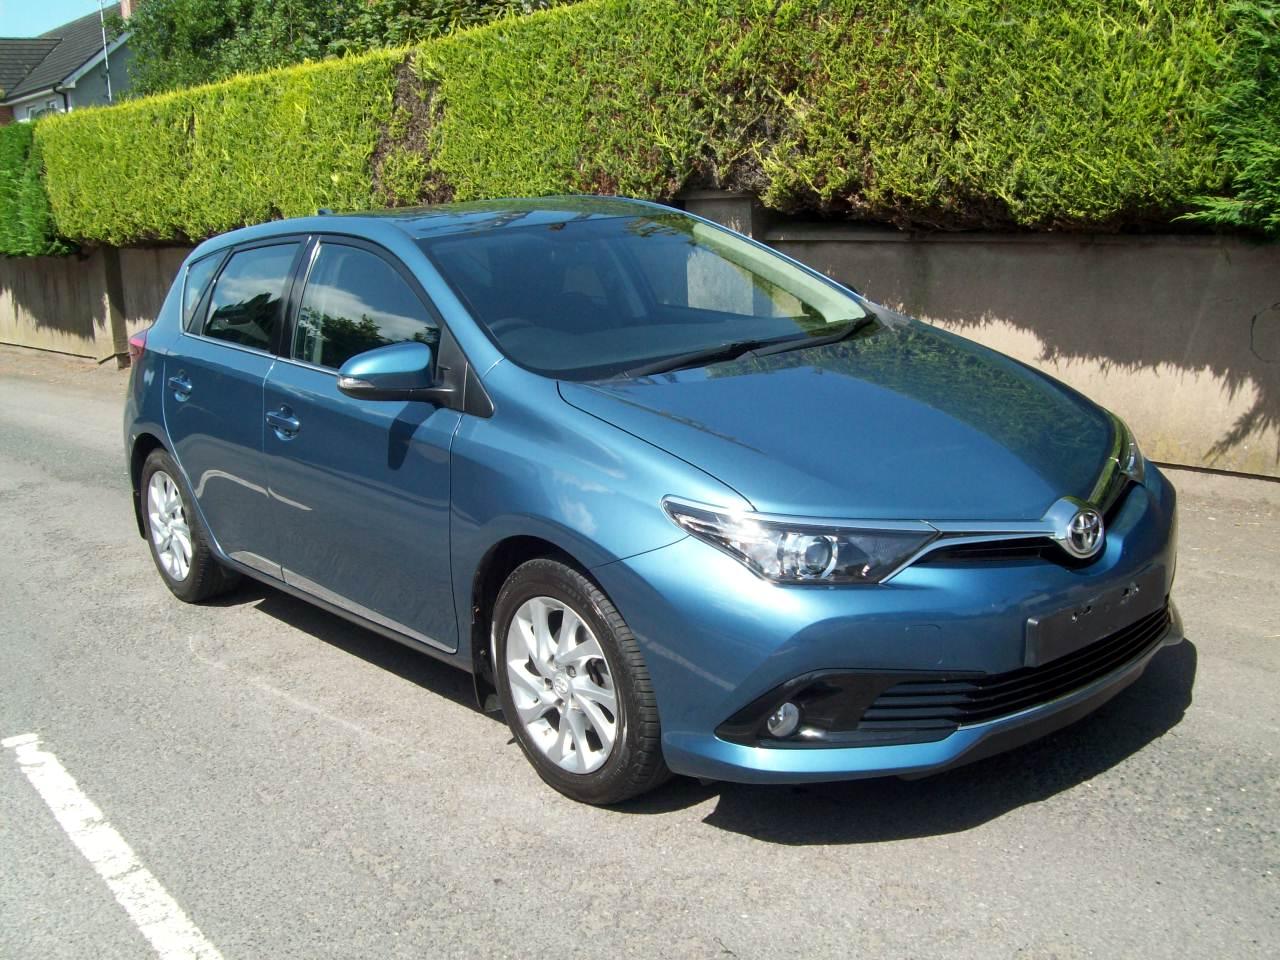 Toyota AURIS ICON VVT-I